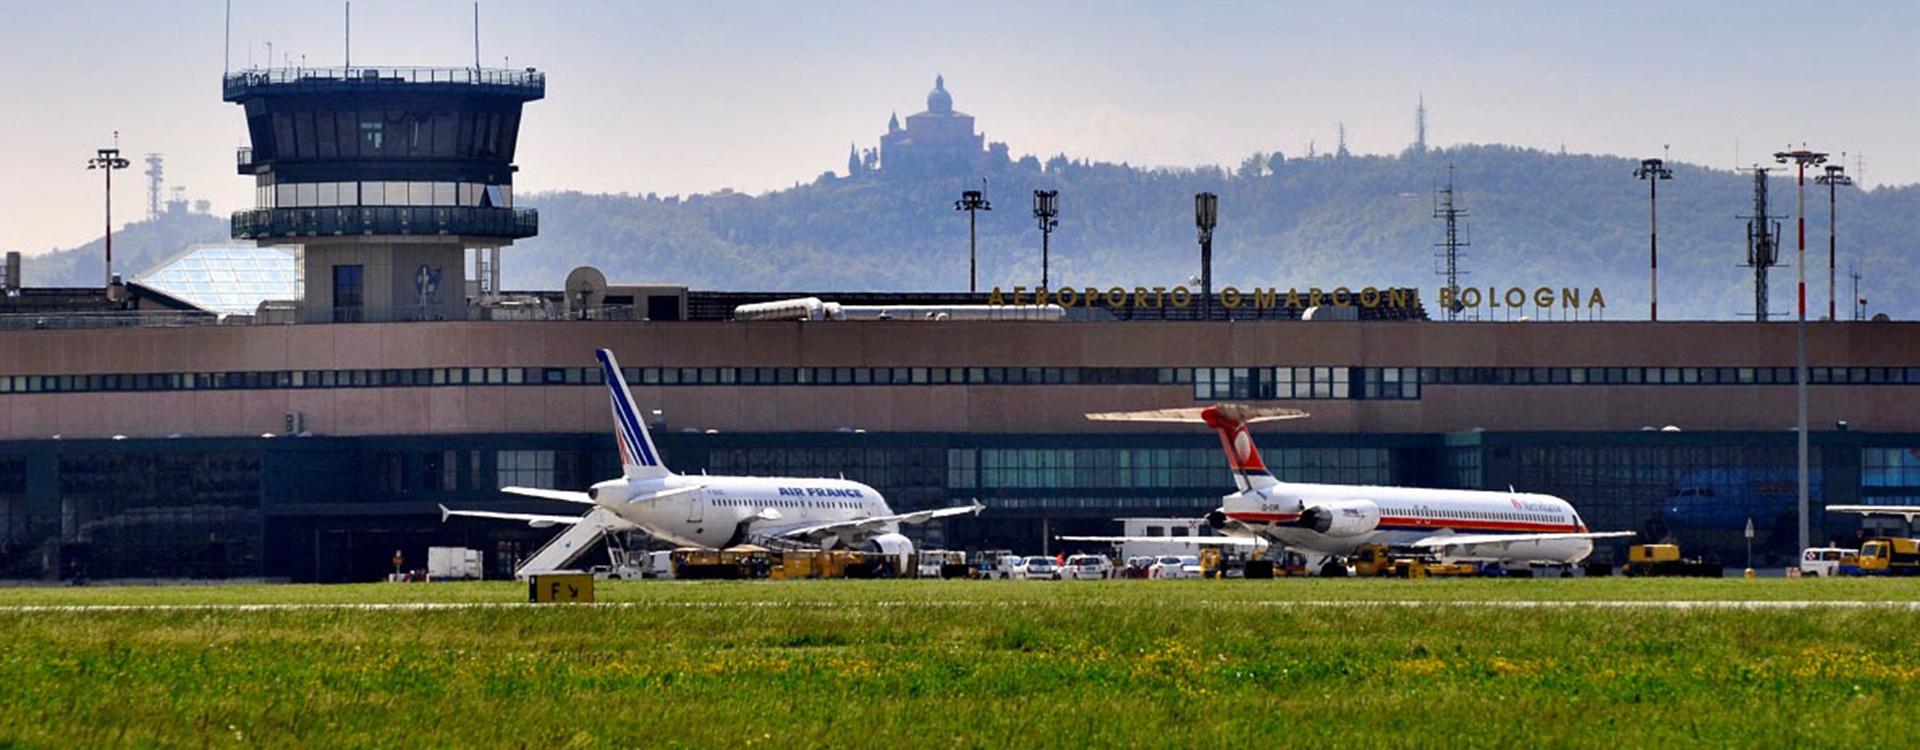 foto dell'aeroporto di Bologna